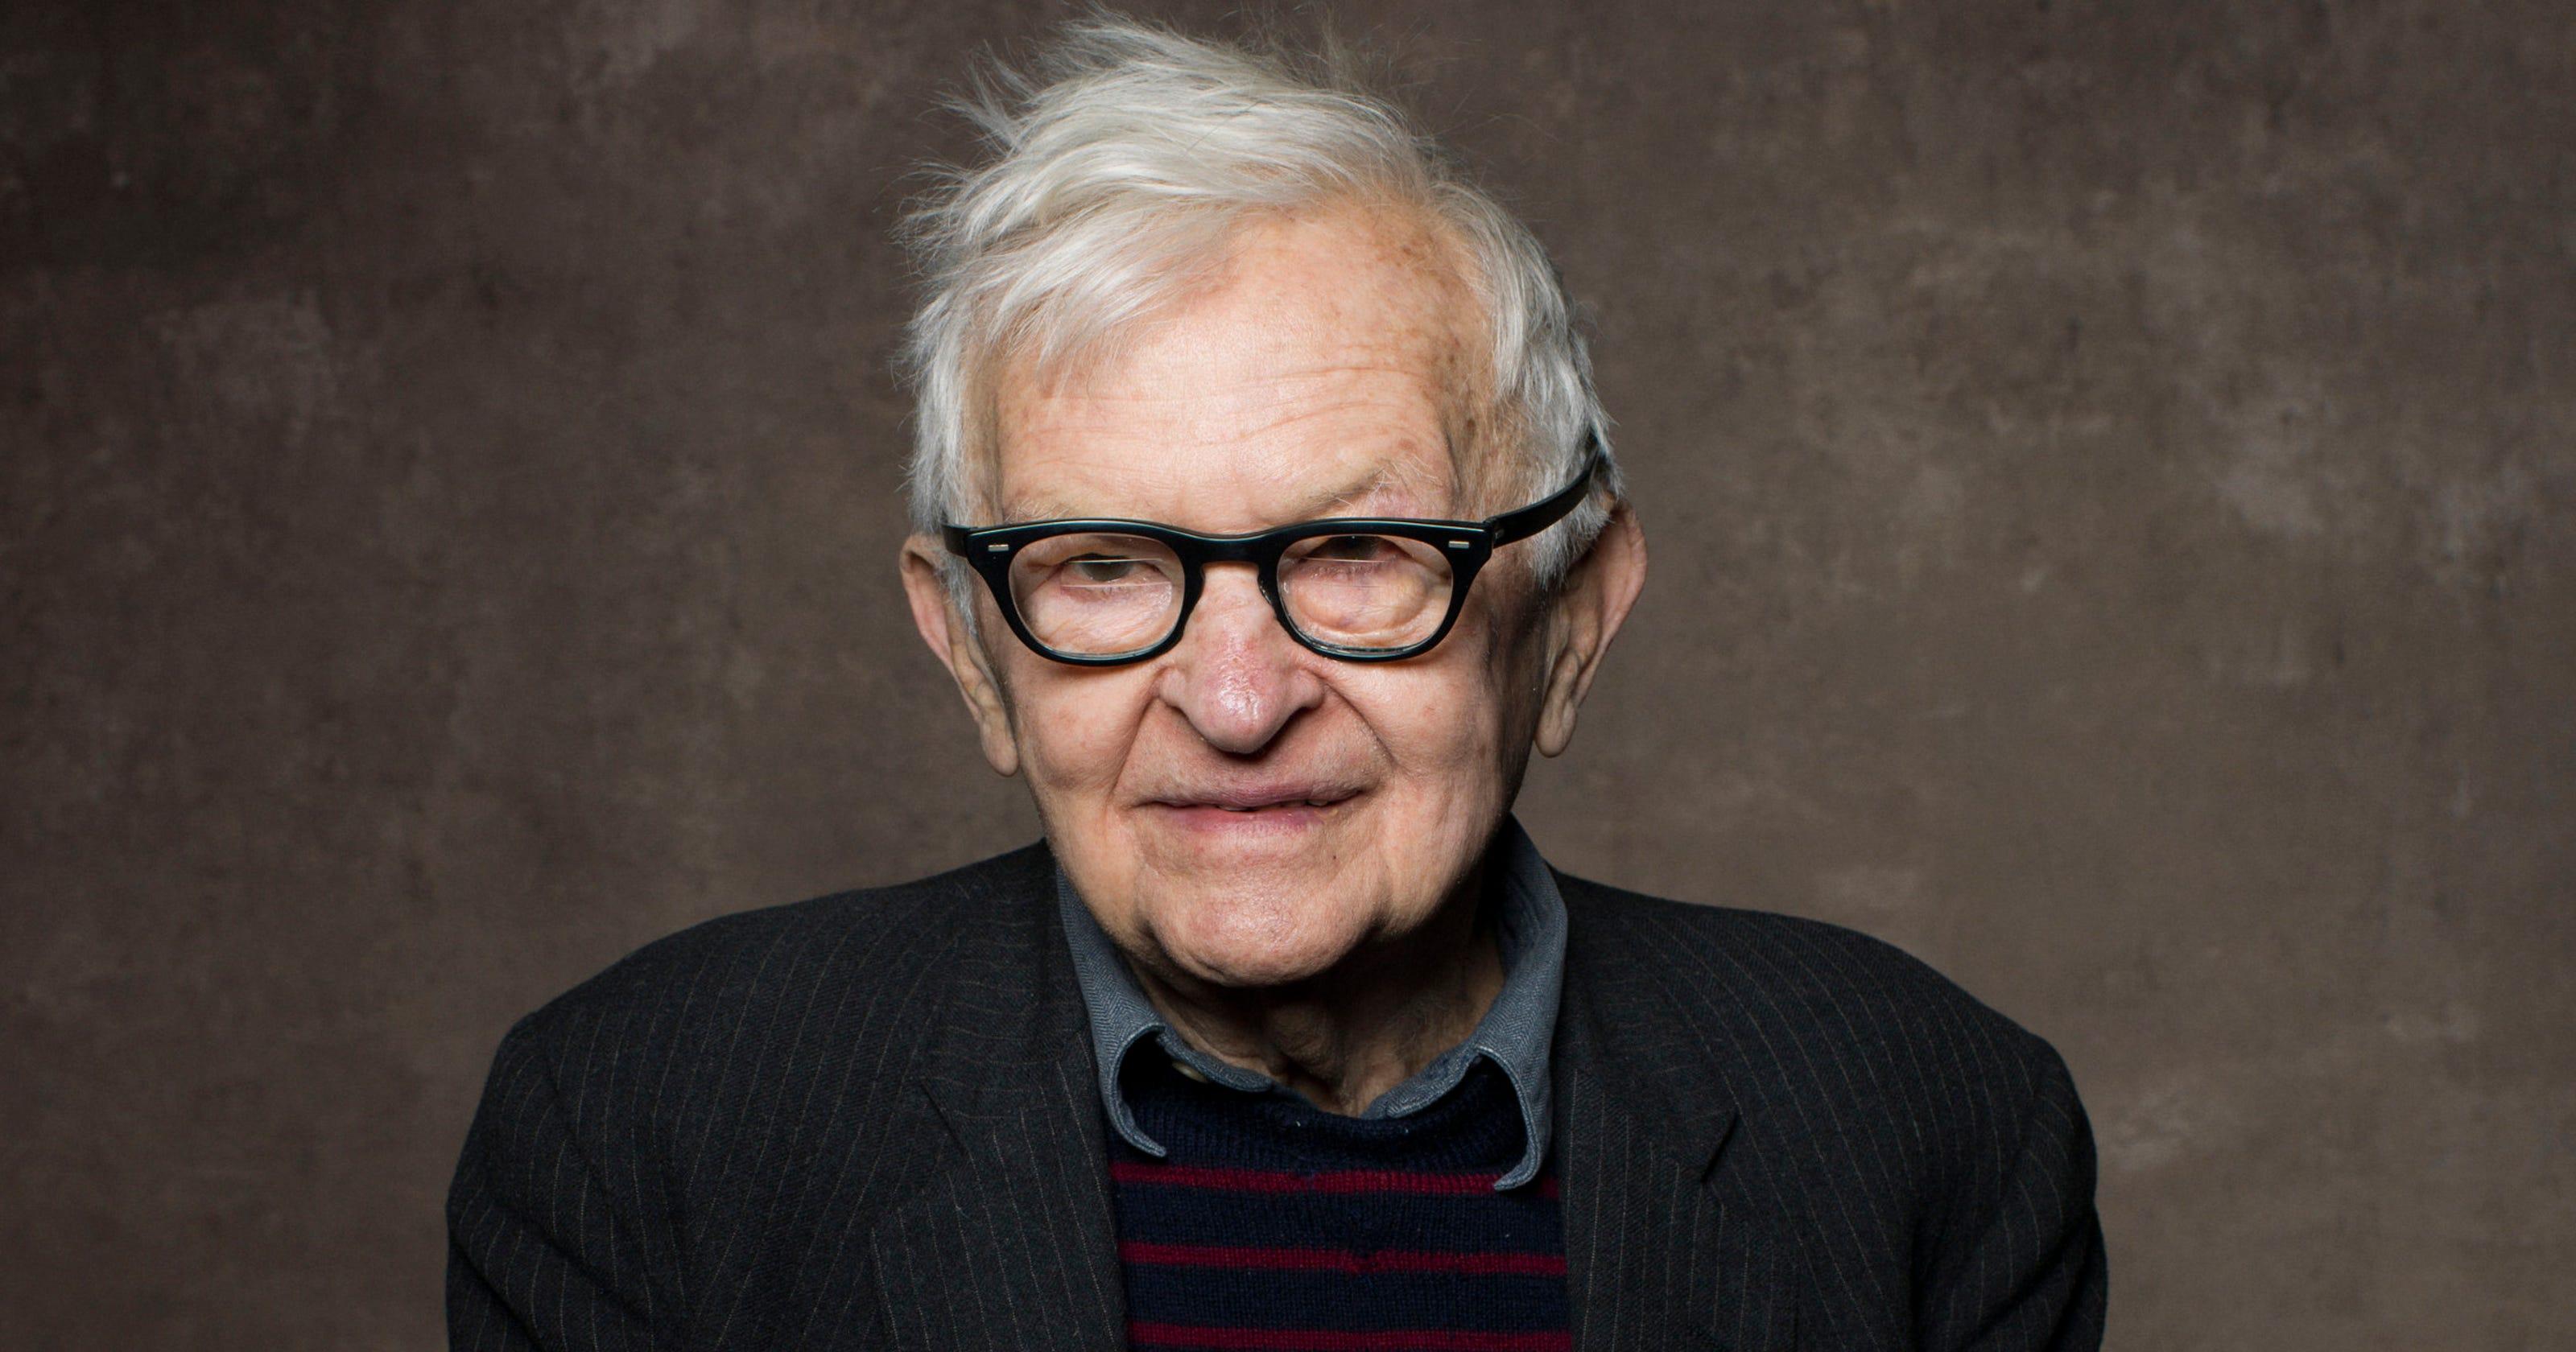 eae4e5b03147 Documentary filmmaker Albert Maysles dies at 88